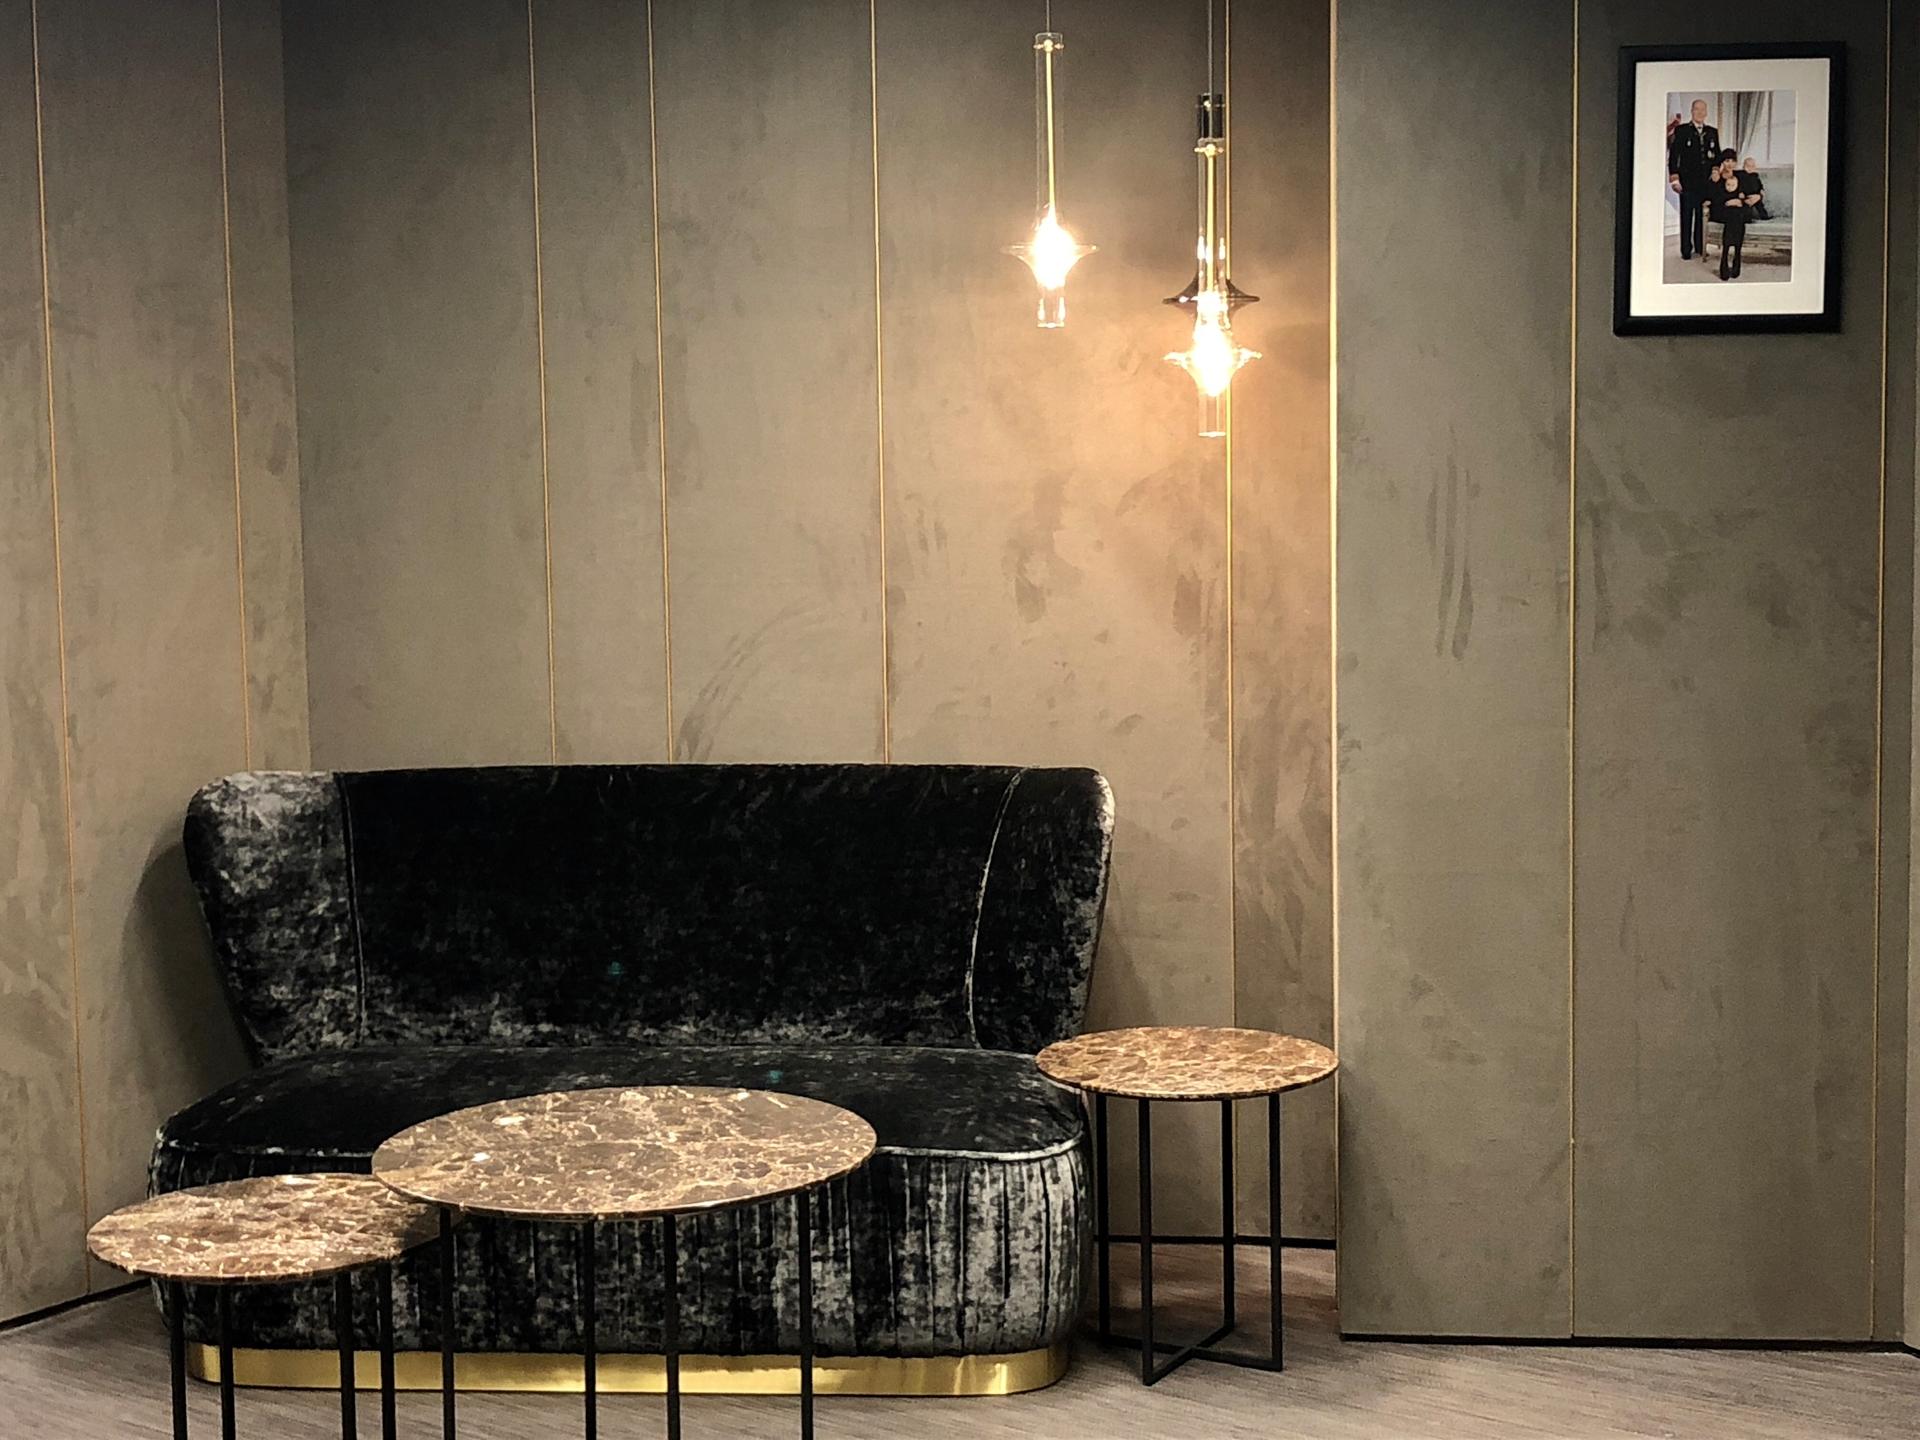 nombreux bureaux de luxe au carr d 39 or location de bureaux monaco. Black Bedroom Furniture Sets. Home Design Ideas